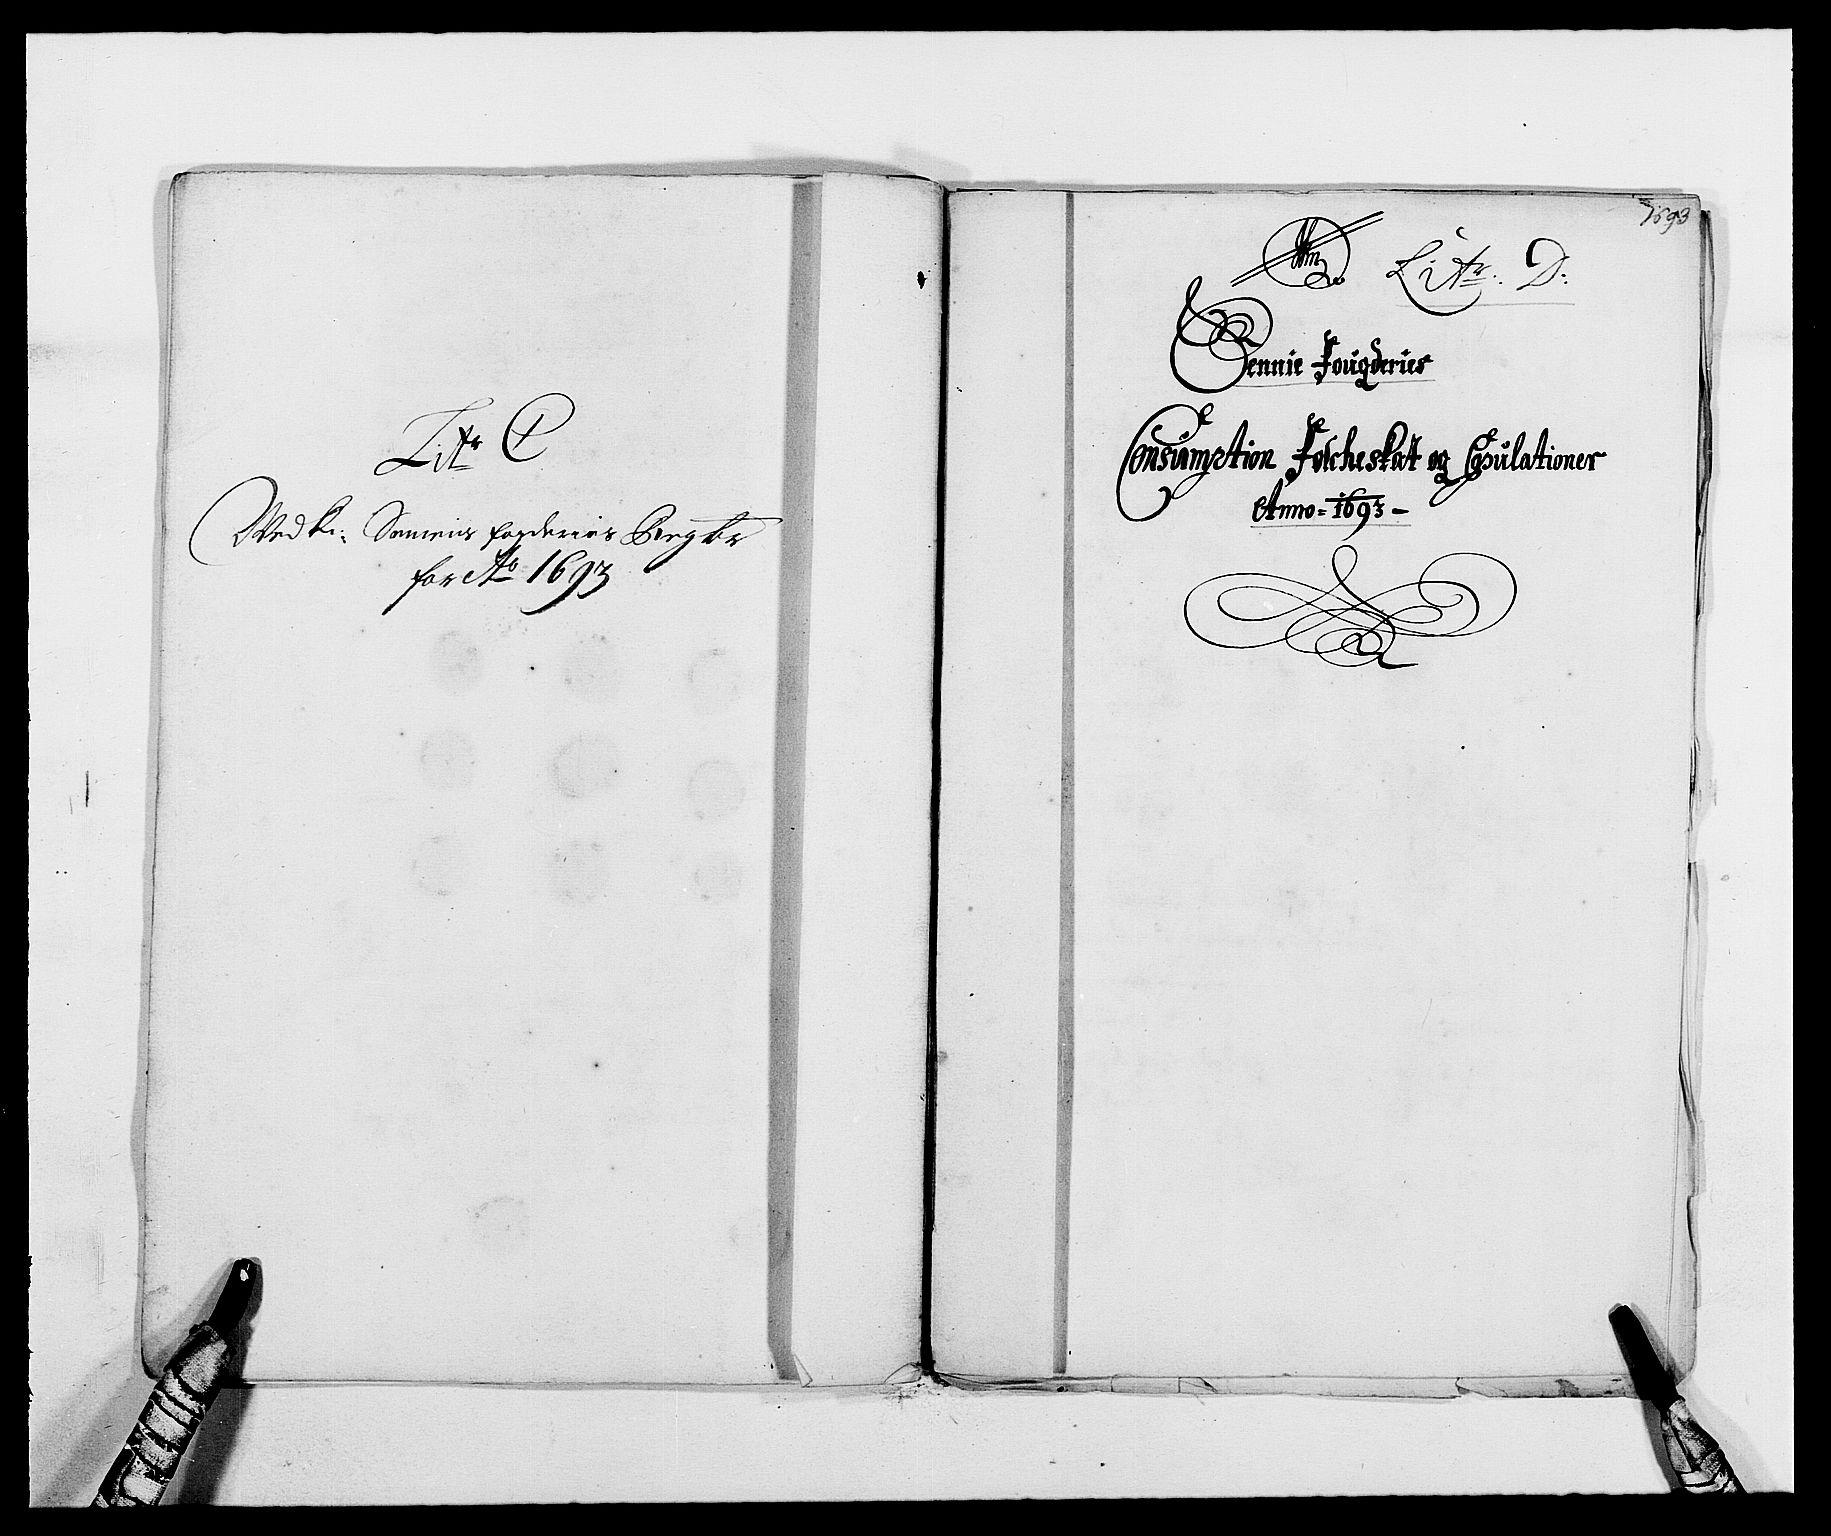 RA, Rentekammeret inntil 1814, Reviderte regnskaper, Fogderegnskap, R68/L4752: Fogderegnskap Senja og Troms, 1691-1693, s. 367